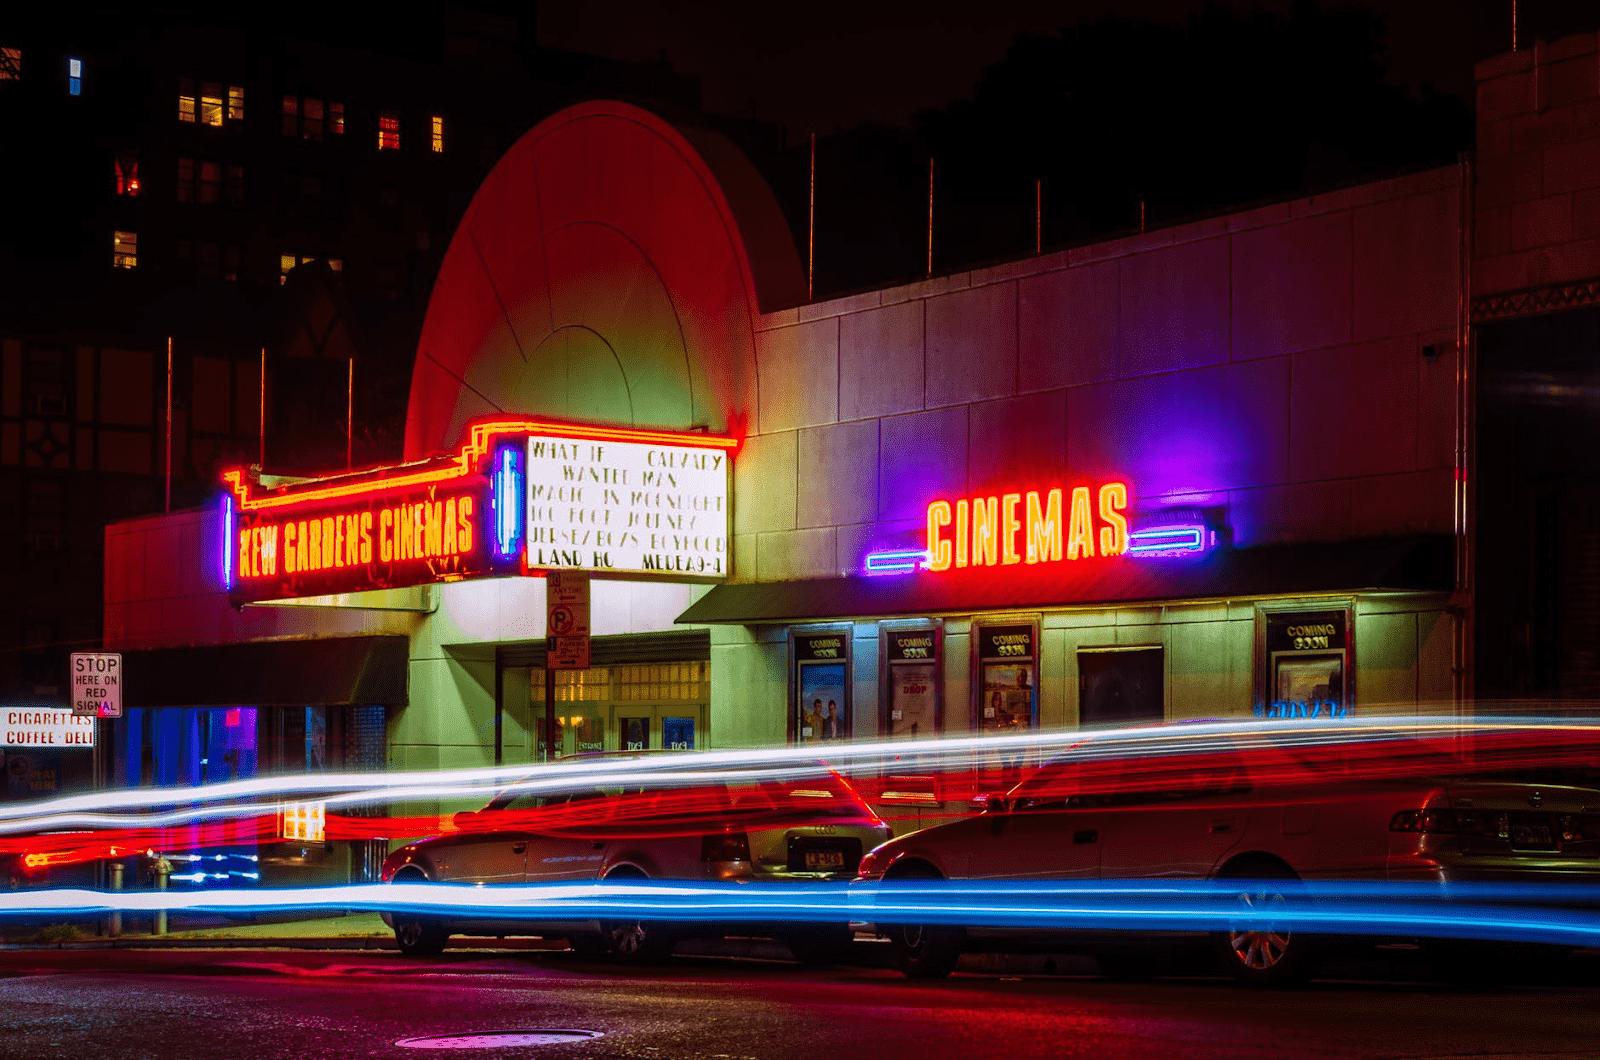 New Gardens Cinemas Facade